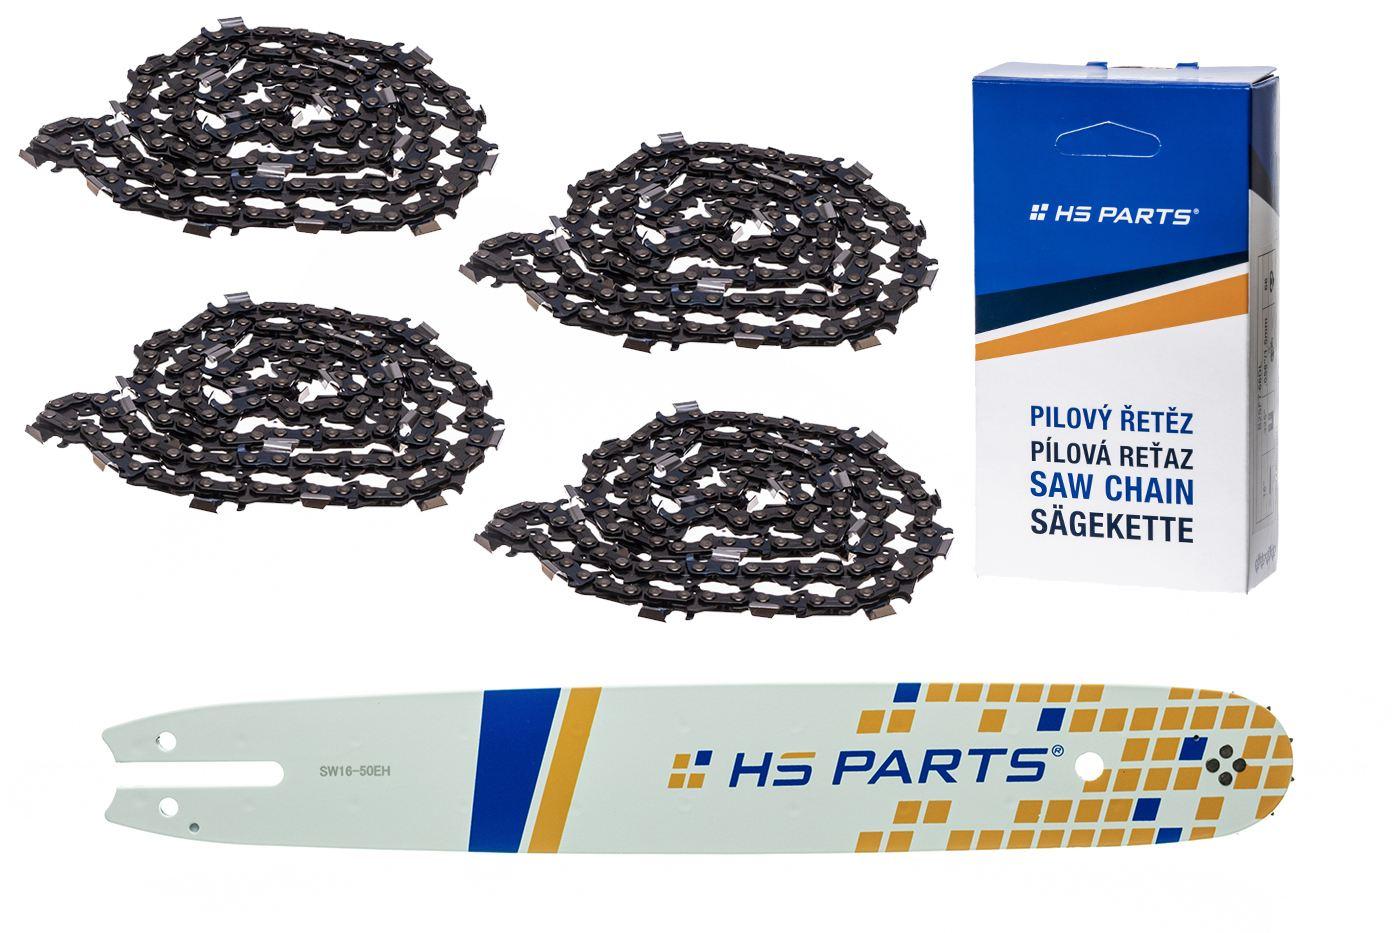 """HS PARTS Akčná súprava - vodiaca lišta 16"""" (40 cm) .325"""" .050"""" (1,3 mm) + 4 x pílový reťaz 62 čl."""